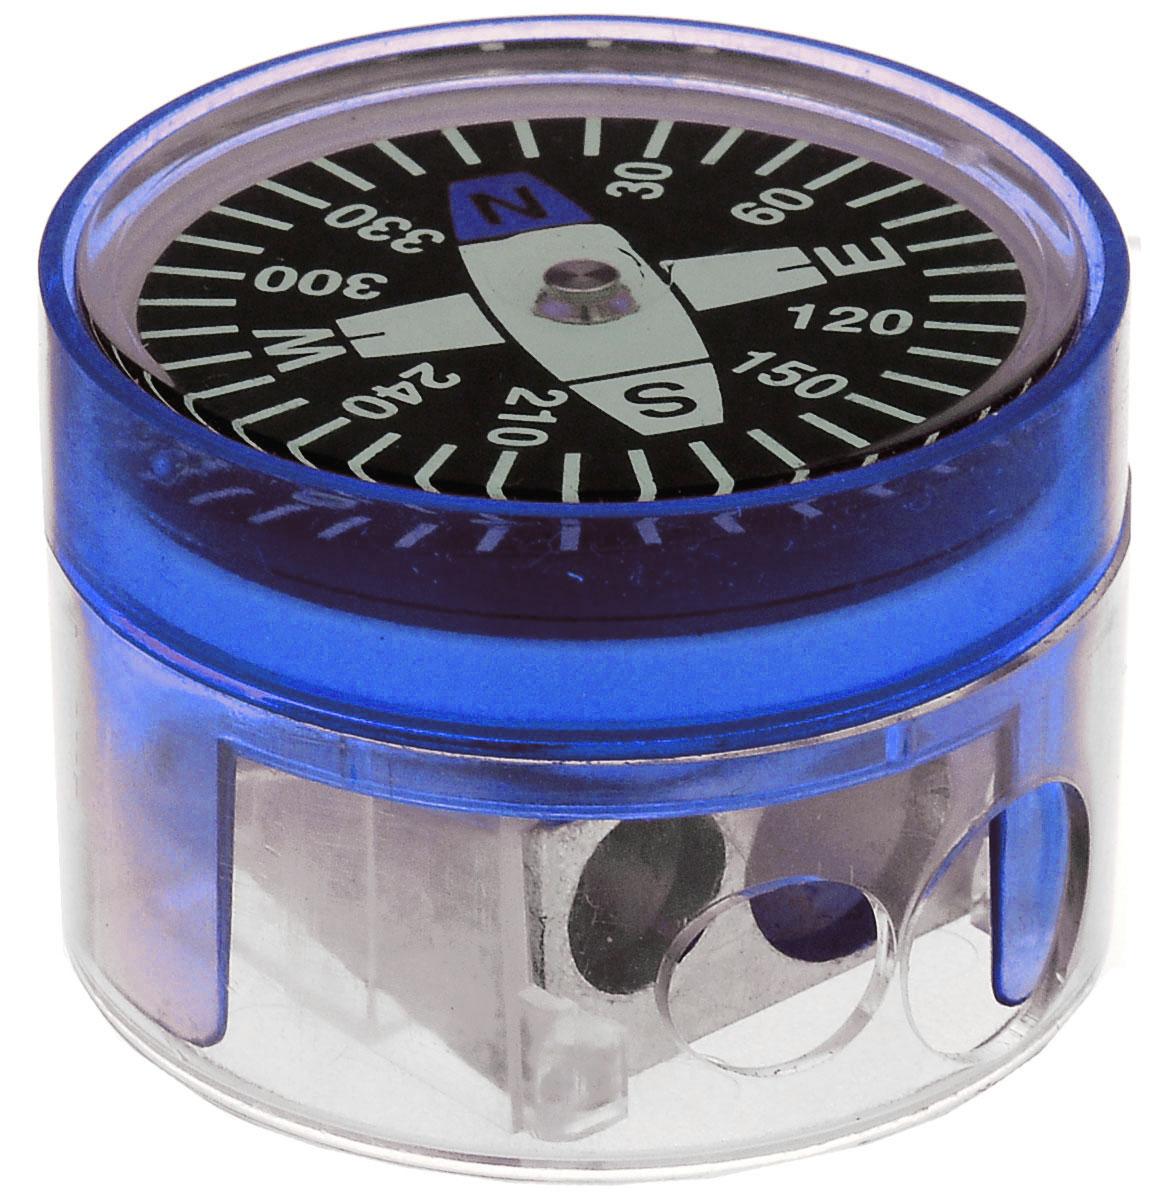 Brunnen Точилка двойная Компас цвет синий29836\255718\BCD_синийДвойная точилка Brunnen Компас выполнена из прочного пластика.В точилке имеются два отверстия для карандашей различного диаметра, подходит для разных видов карандашей. При повороте пластикового контейнера, отверстия закрываются. Полупрозрачный контейнер для сбора стружки позволяет визуально контролировать уровень заполнения и вовремя производить очистку. В крышку контейнера встроен небольшой компас.